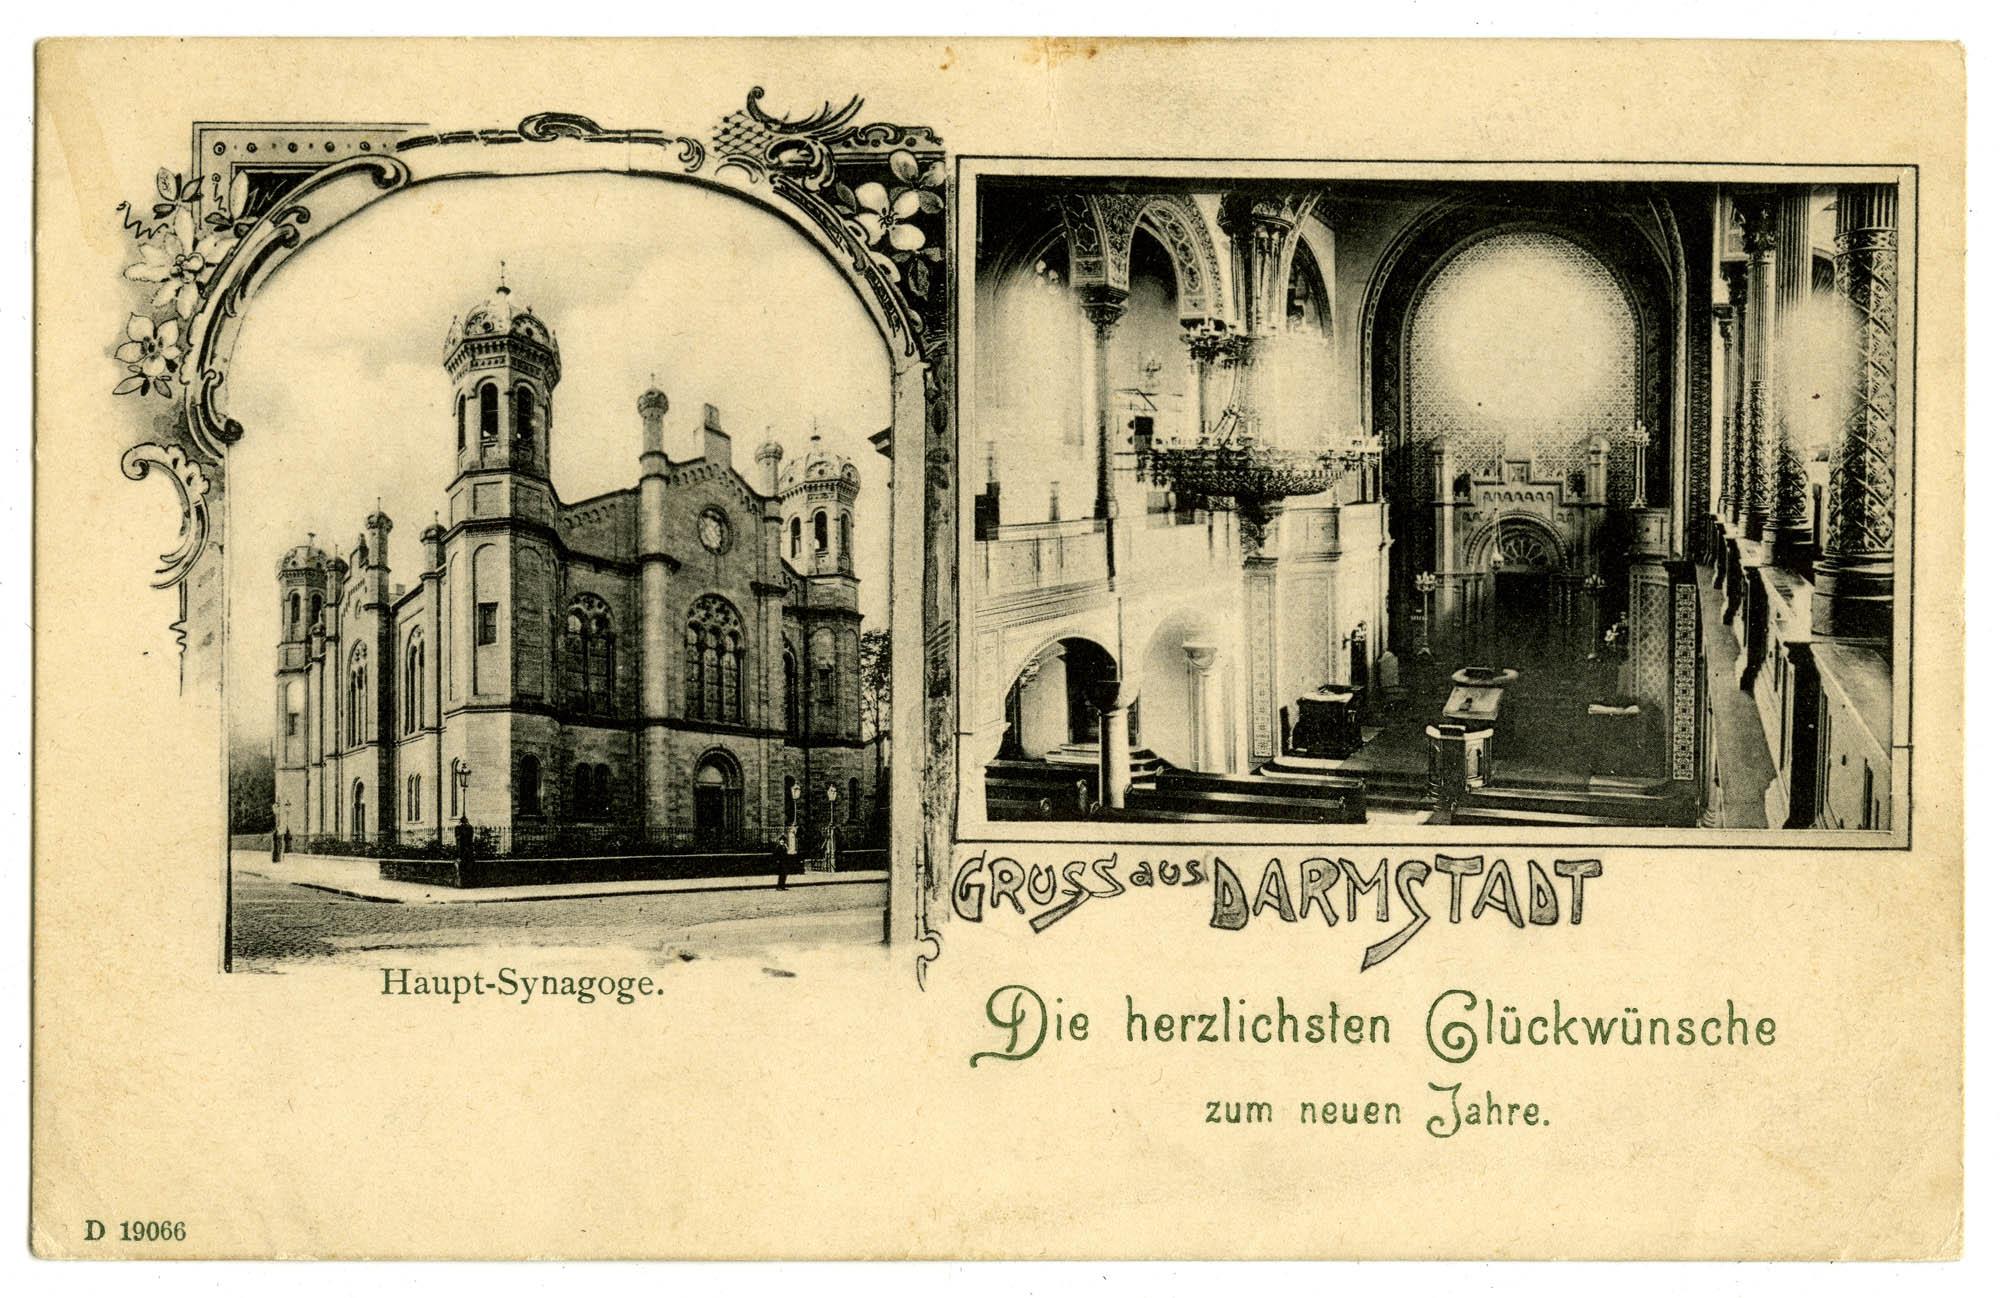 Gruss aus Darmstadt. Haupt-Synagoge.